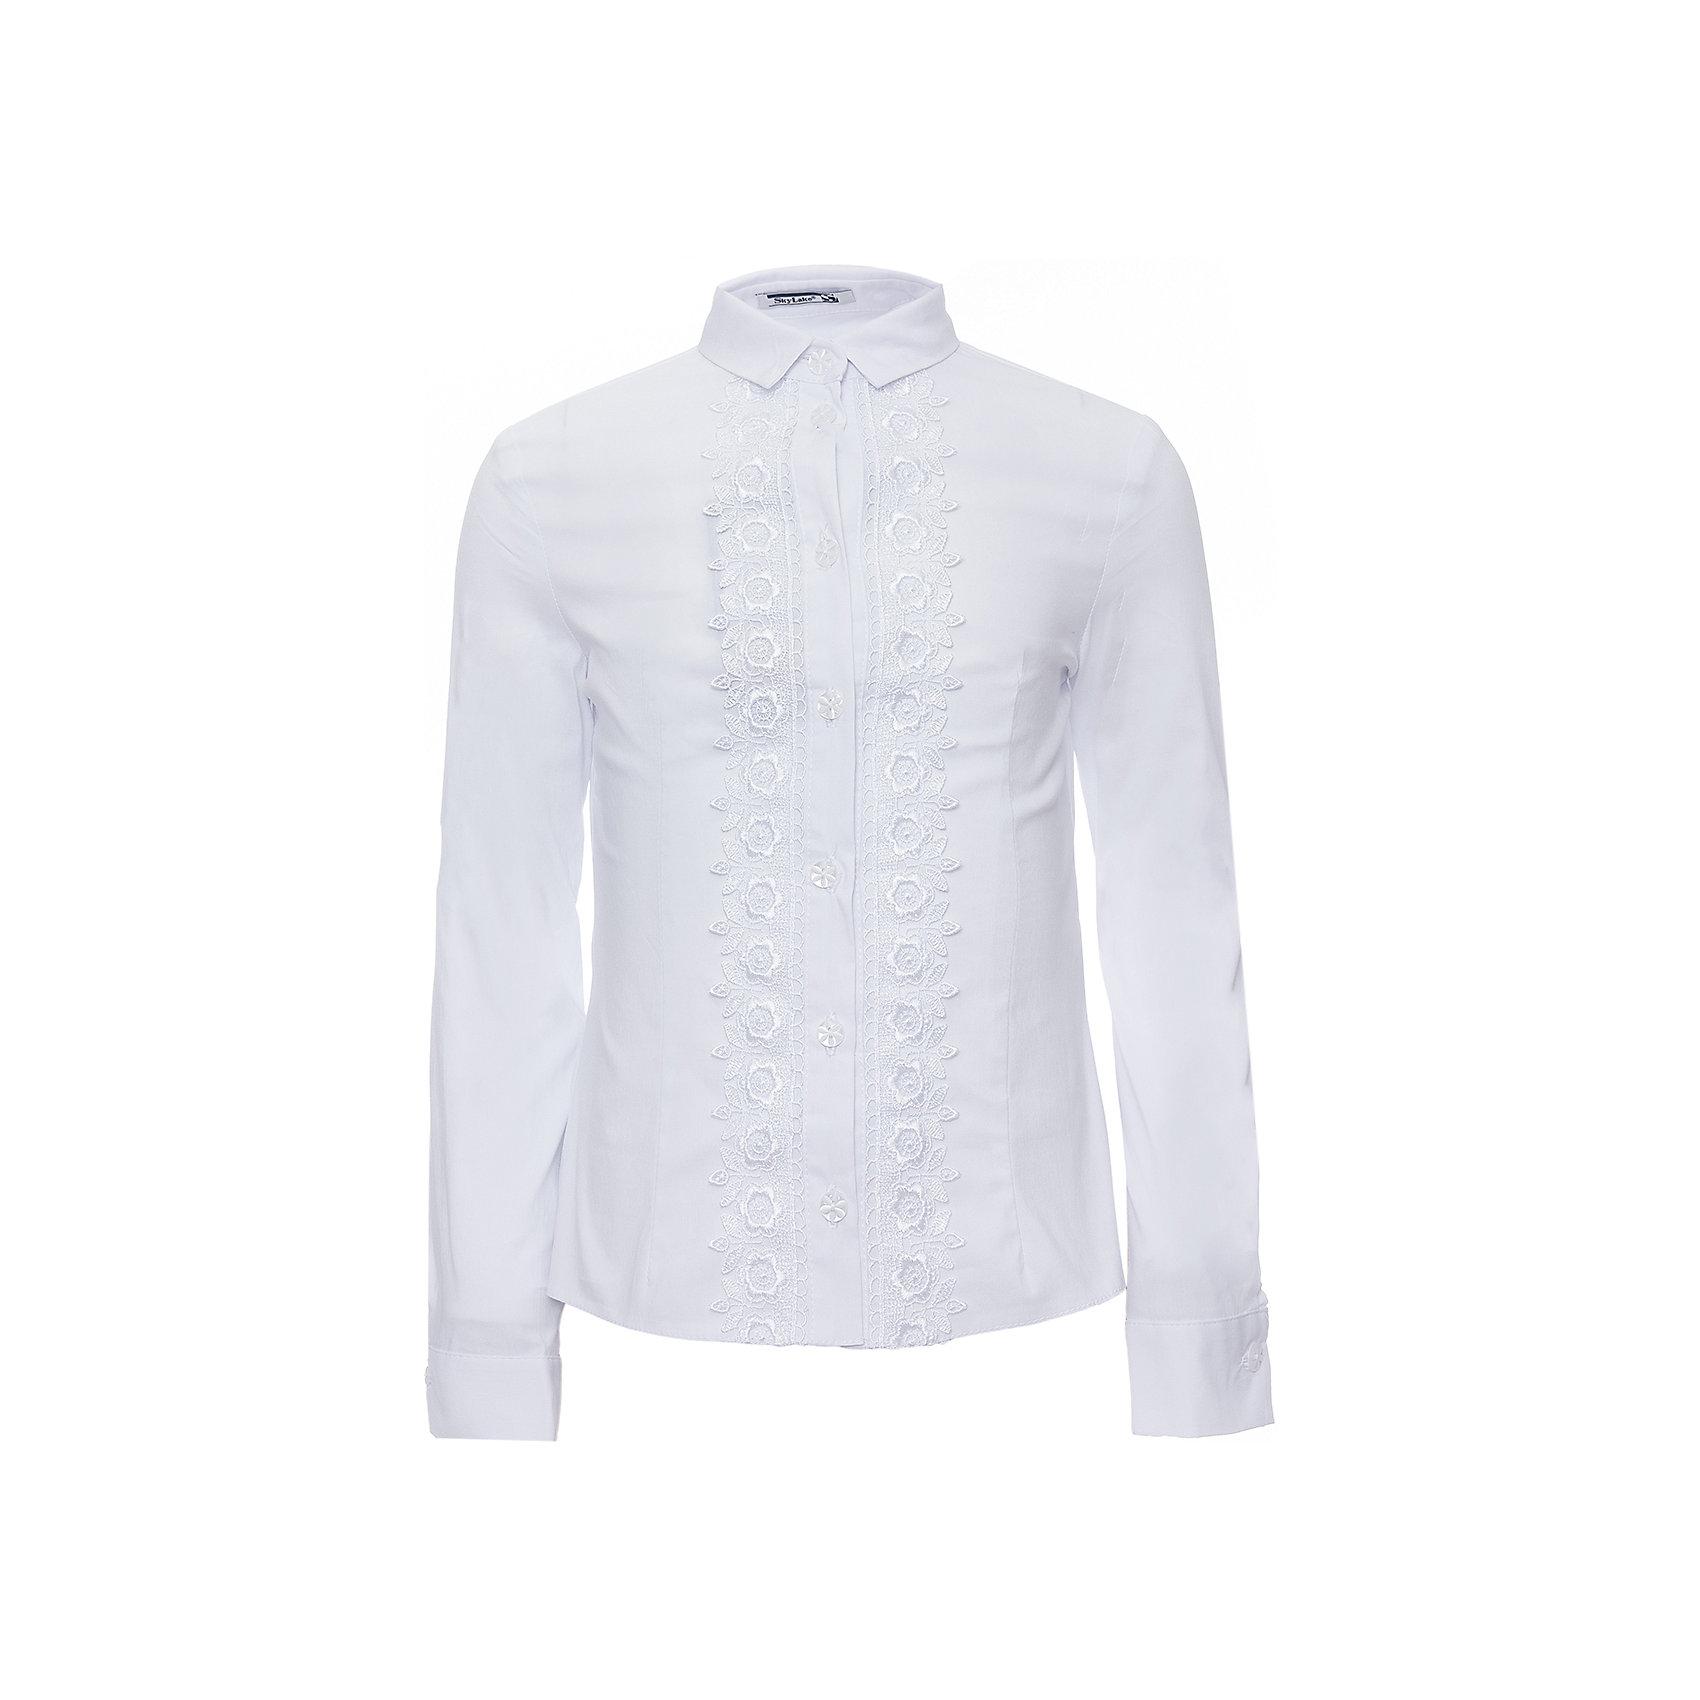 Блуза для девочки Маргарита SkylakeБлузки и рубашки<br>Блуза для девочки Маргарита от известного бренда Skylake<br>Блузка  прилегающего  силуэта для девочек младшего и среднего возраста.<br>Изготовлена из  смесовой хлопковой ткани белого цвета.<br>Блузка  с  застежкой   спереди на планку с пуговицами.<br>Планка  украшена  с двух сторон тесьмой-кружевом.<br>Воротник отложной на отрезной стойке с концами острой формы. <br>Рукава  втачные длинные на манжетах.<br>Состав:<br>74%хлопок,23%п/э,3%лайкра (ПУ)<br><br>Ширина мм: 186<br>Глубина мм: 87<br>Высота мм: 198<br>Вес г: 197<br>Цвет: белый<br>Возраст от месяцев: 96<br>Возраст до месяцев: 108<br>Пол: Женский<br>Возраст: Детский<br>Размер: 134,128,152,146,140<br>SKU: 4723344